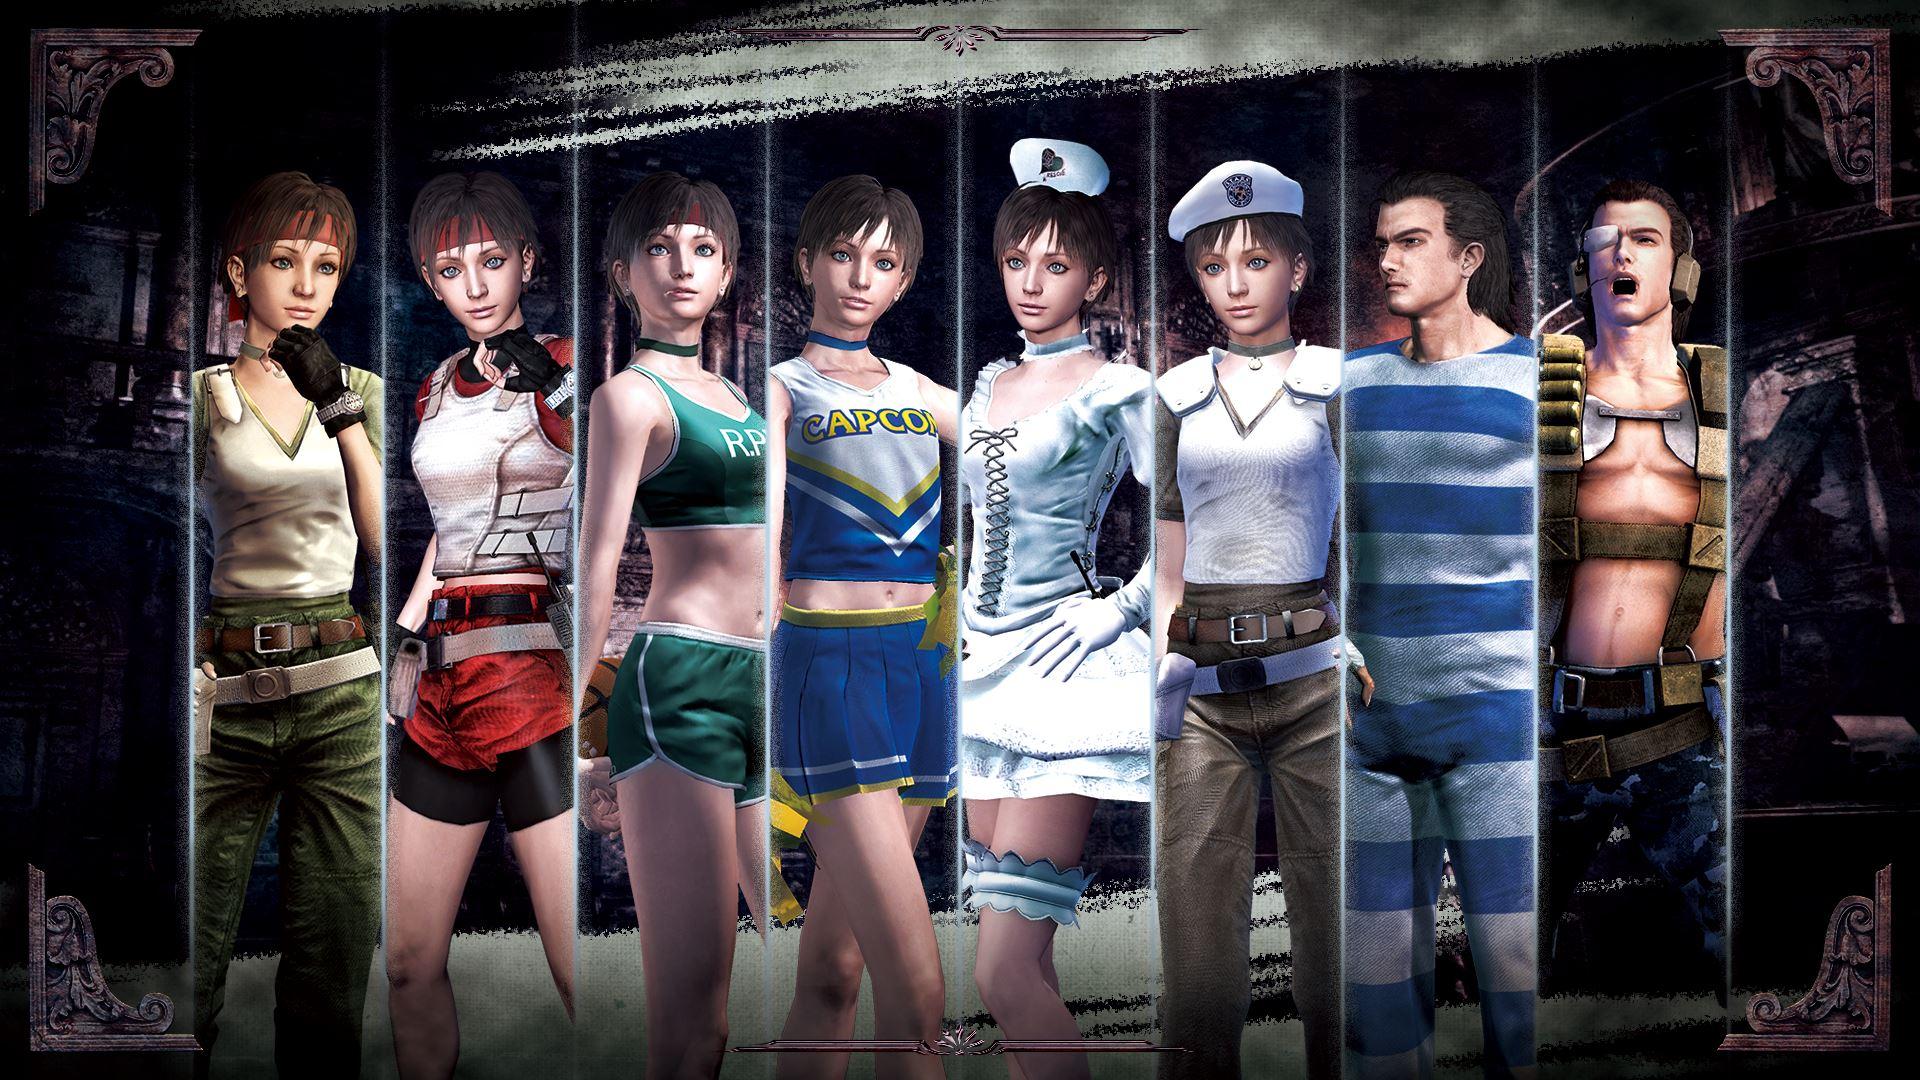 Прошёл слушок, что на E3 Capcom анонсируют новую номерную часть Resident Evil. Самое интересное - ожидается возвра ... - Изображение 1